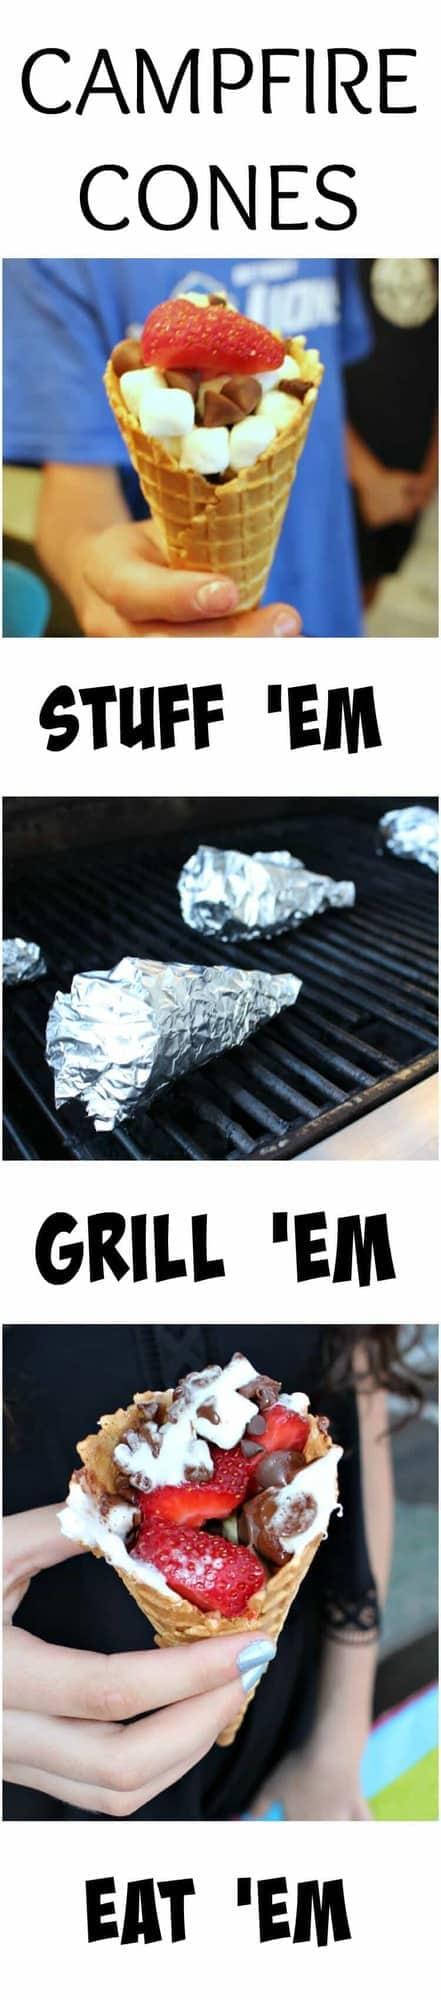 Campfire Cones! Stuff-Grill-Eat